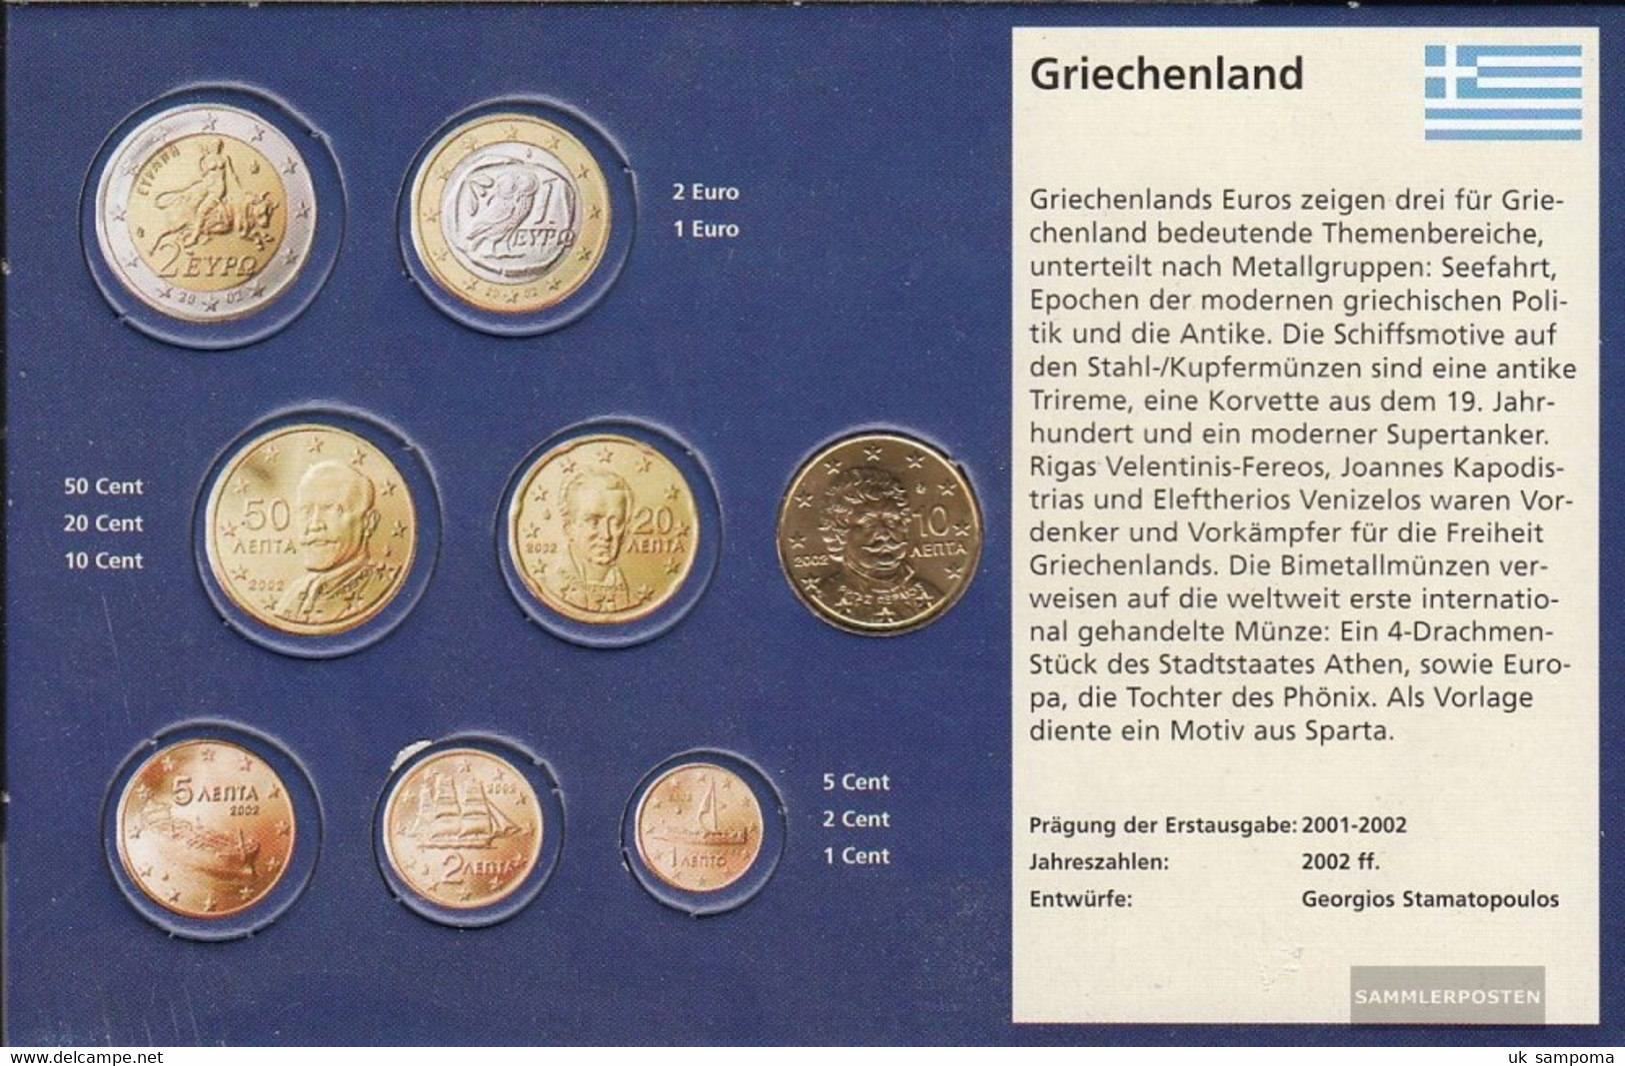 Greece Grams 4 2002 G Stgl./unzirkuliert With Geheimzeichen 2002 Kursmünze 10 Cent - Grèce